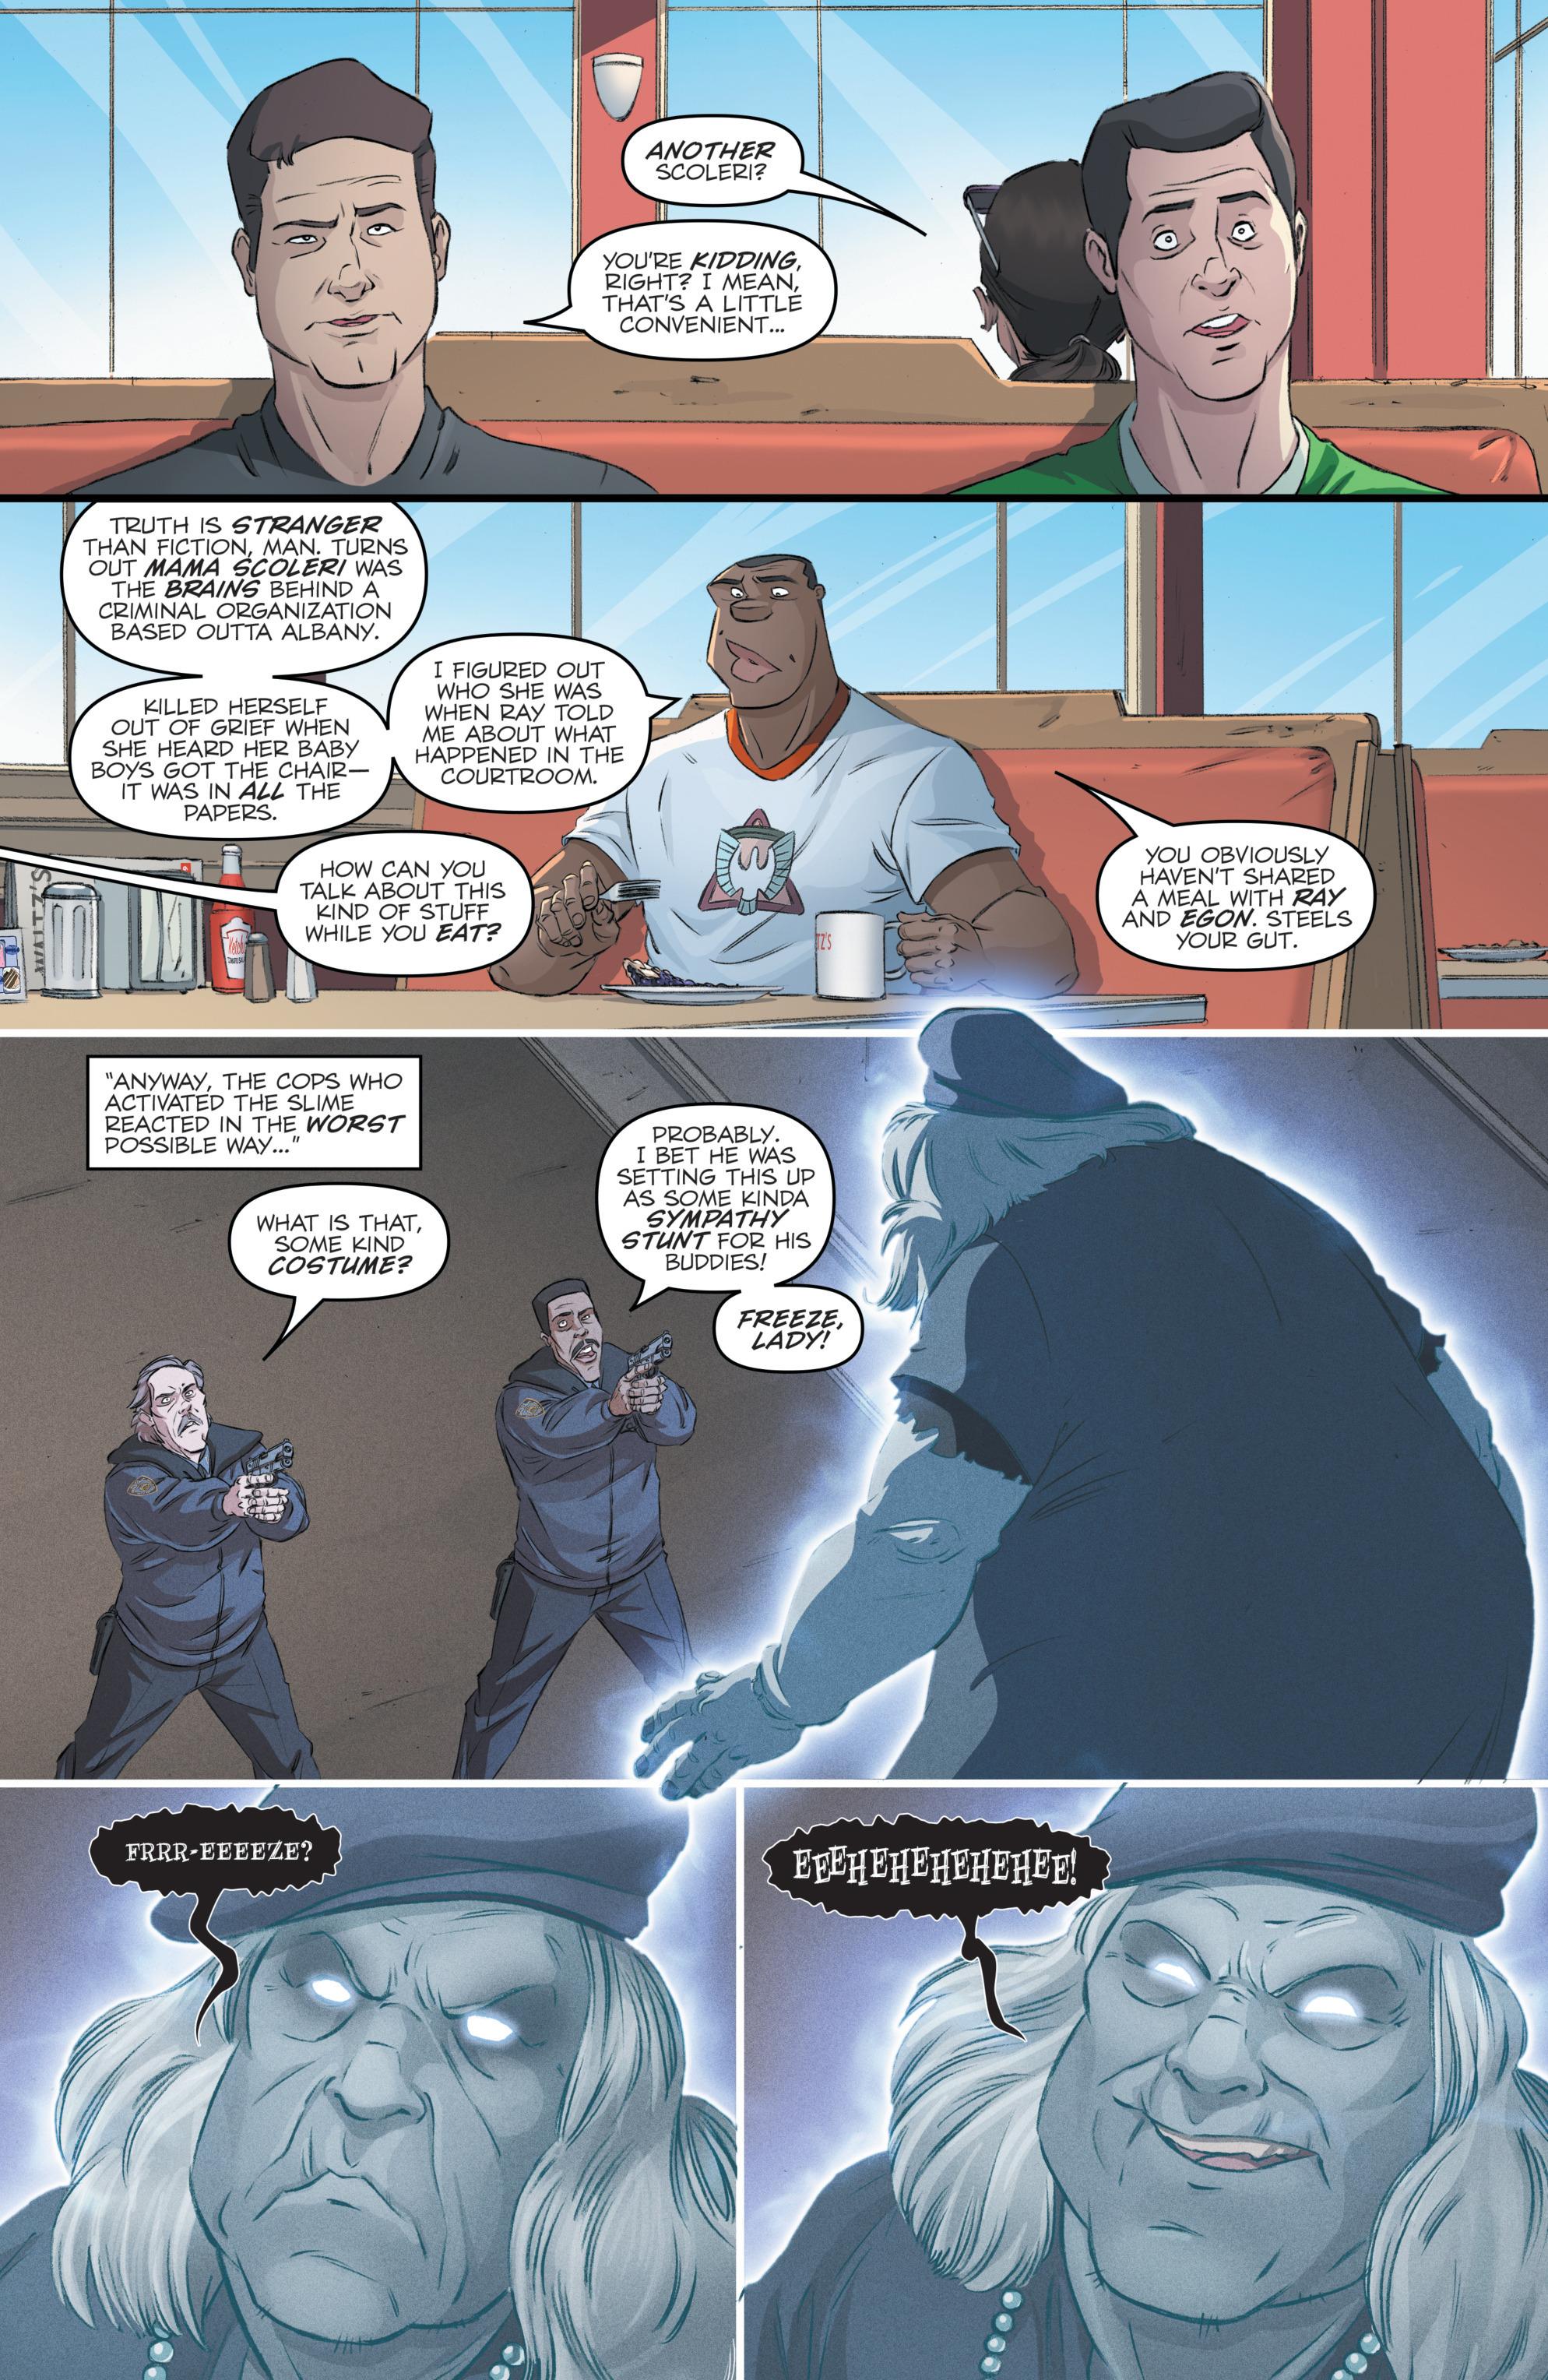 Read online Batman/Teenage Mutant Ninja Turtles Adventure comic -  Issue #4 - 29